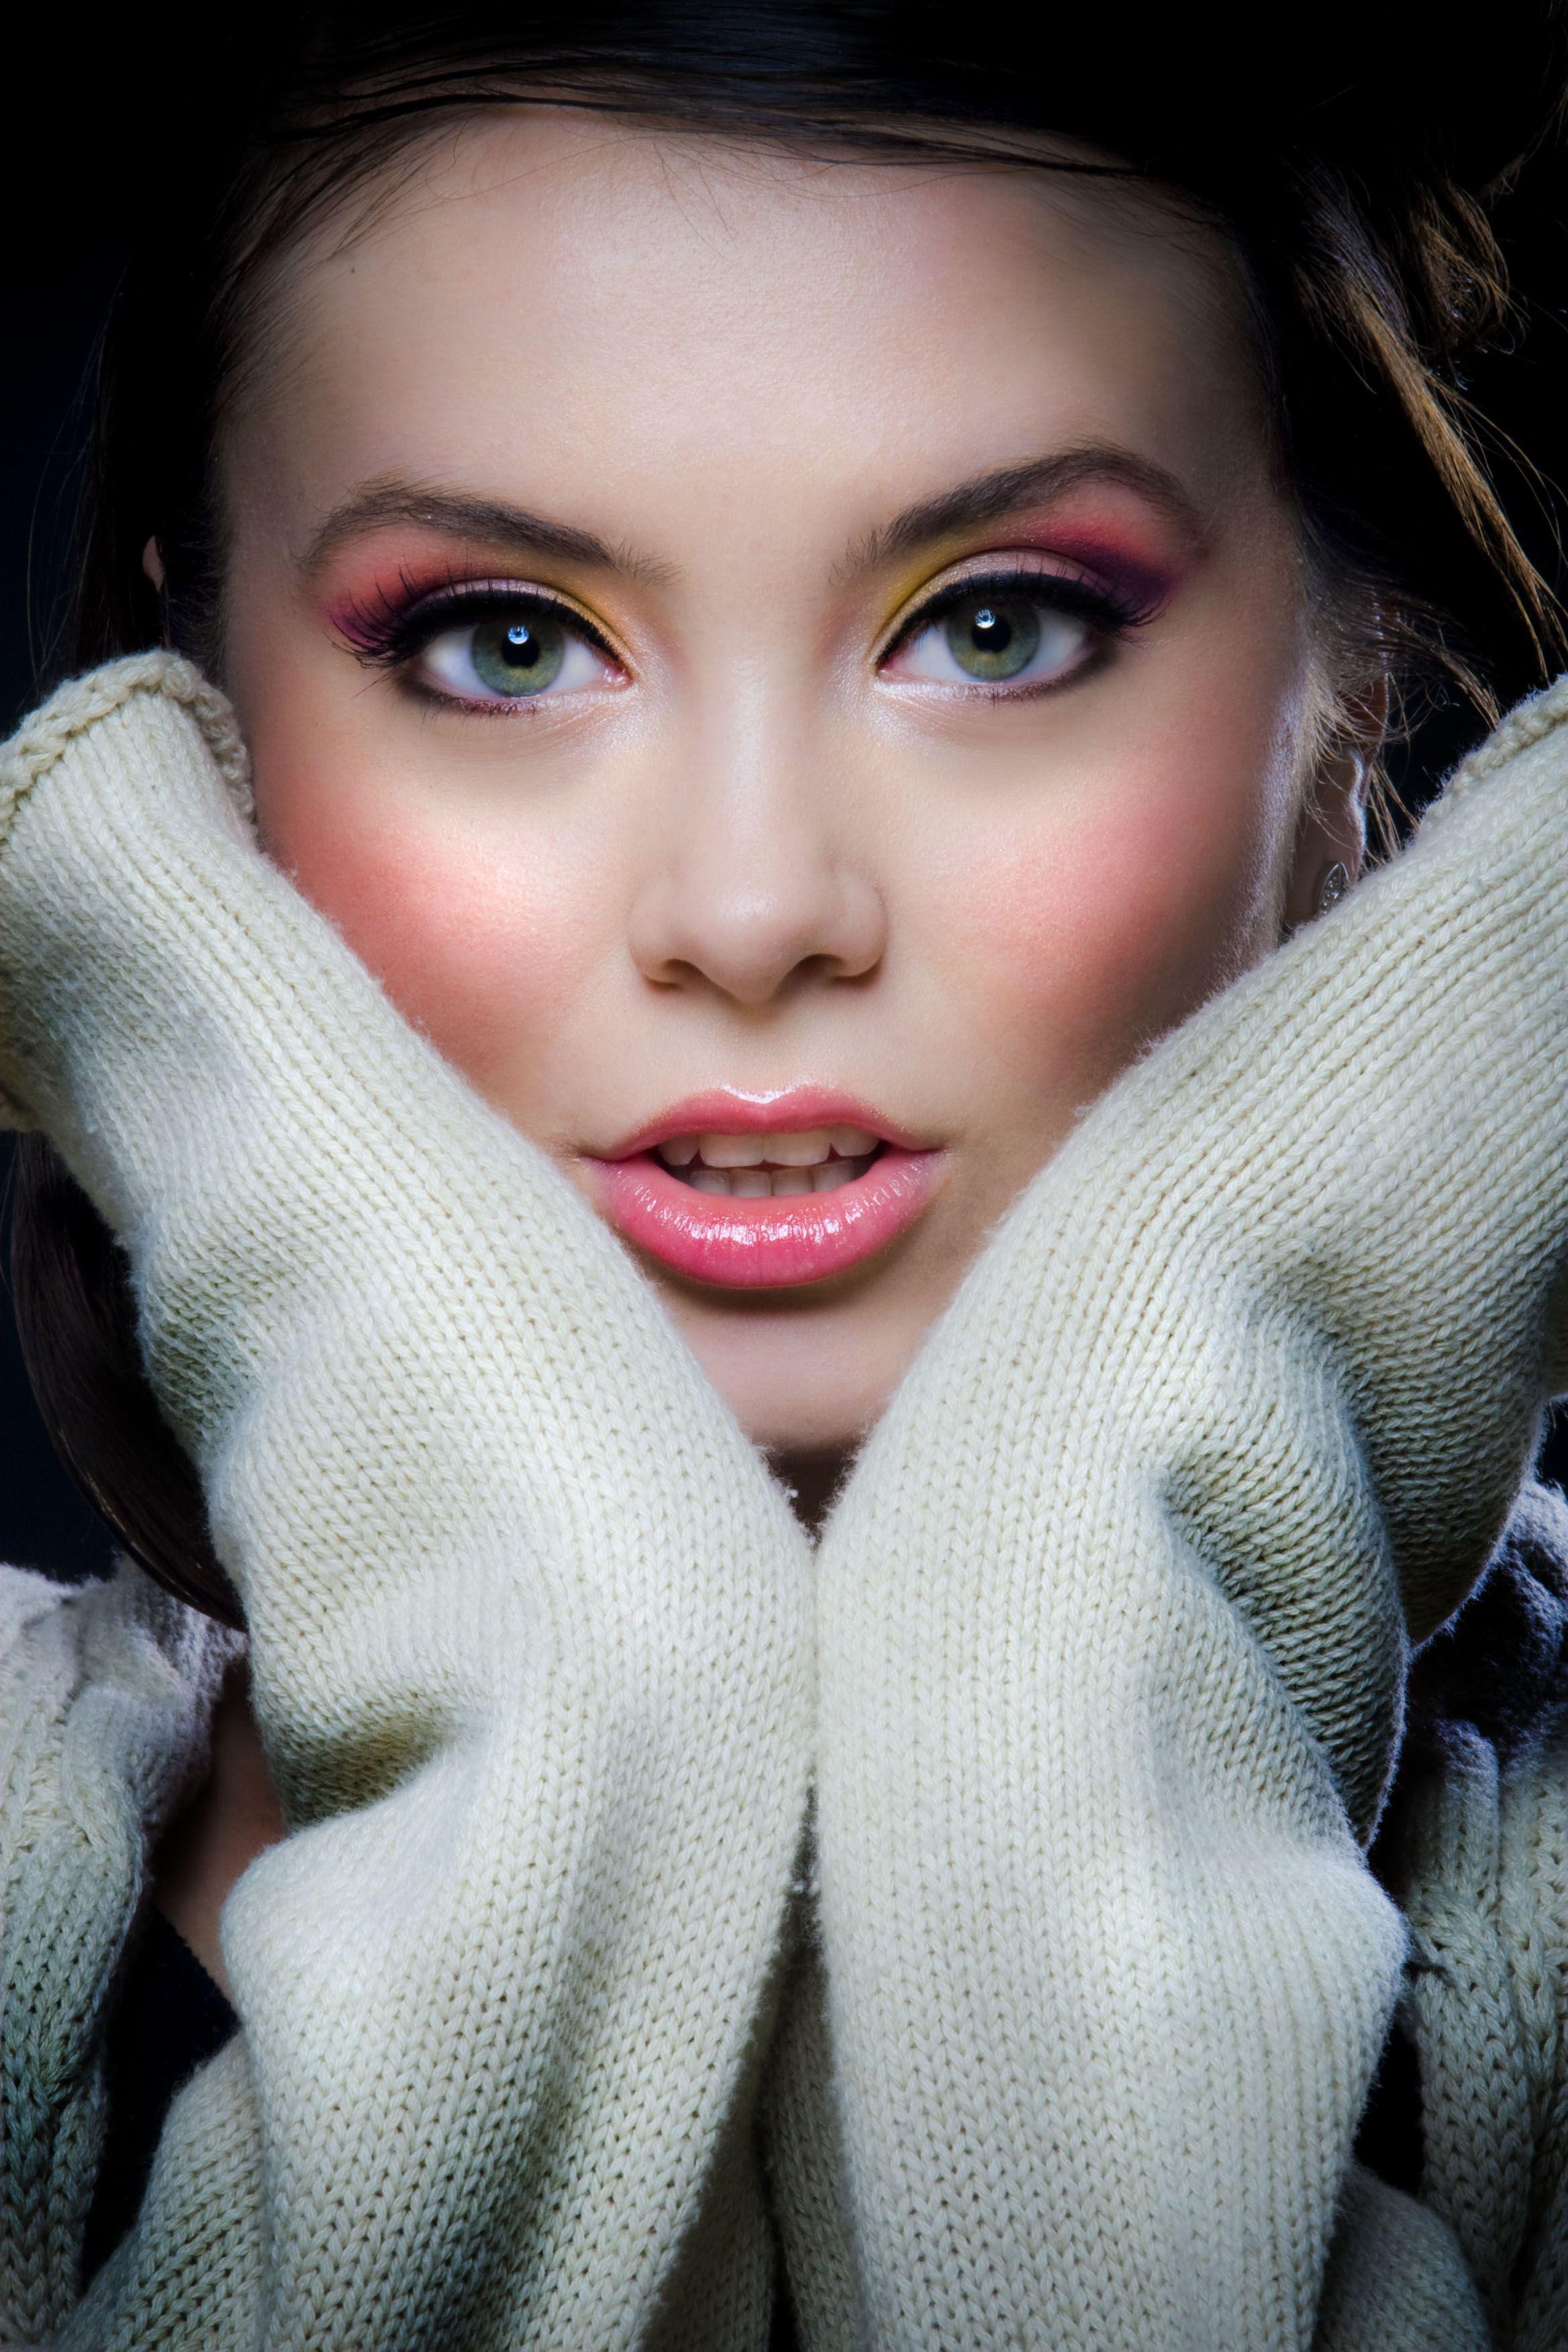 Anca Dumitra pinbalan ioan on anca dumitra | septum ring, makeup